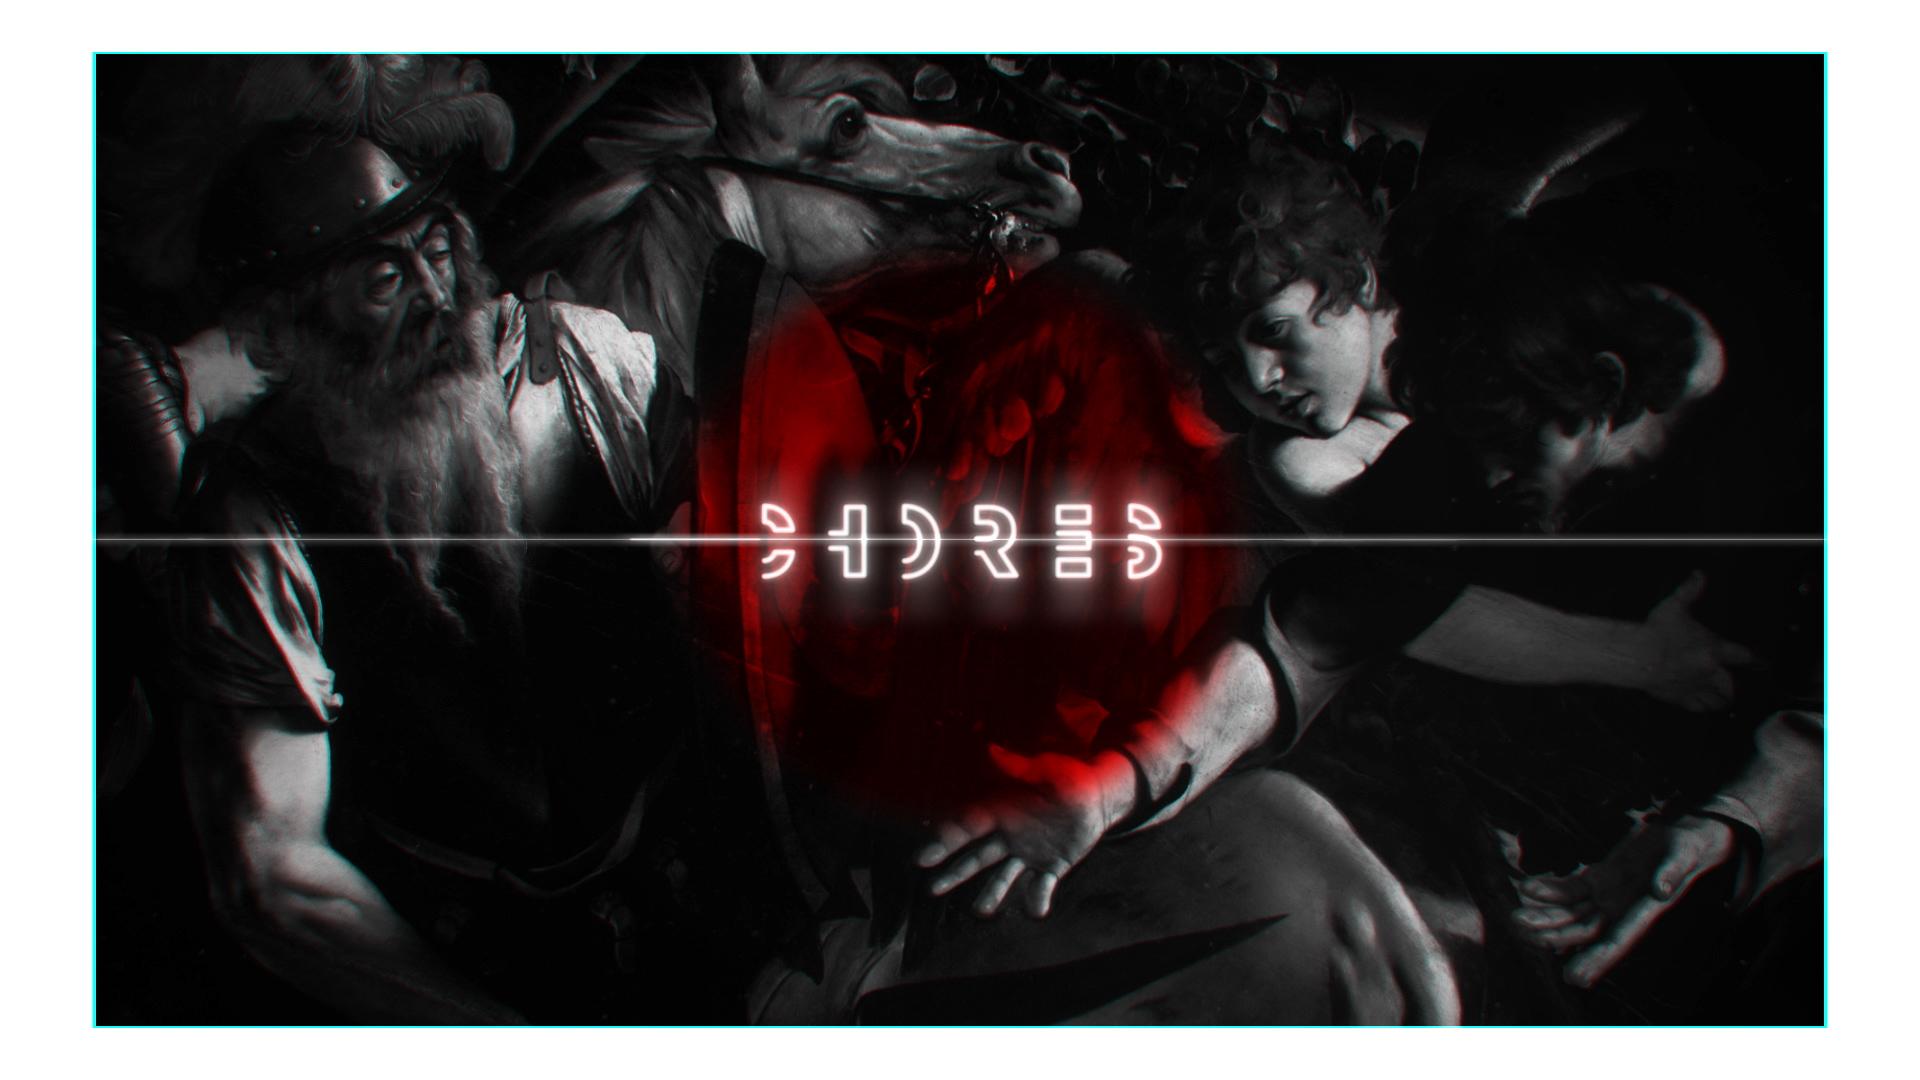 Surrender-03 (prores).00_01_52_10.Still045.jpg